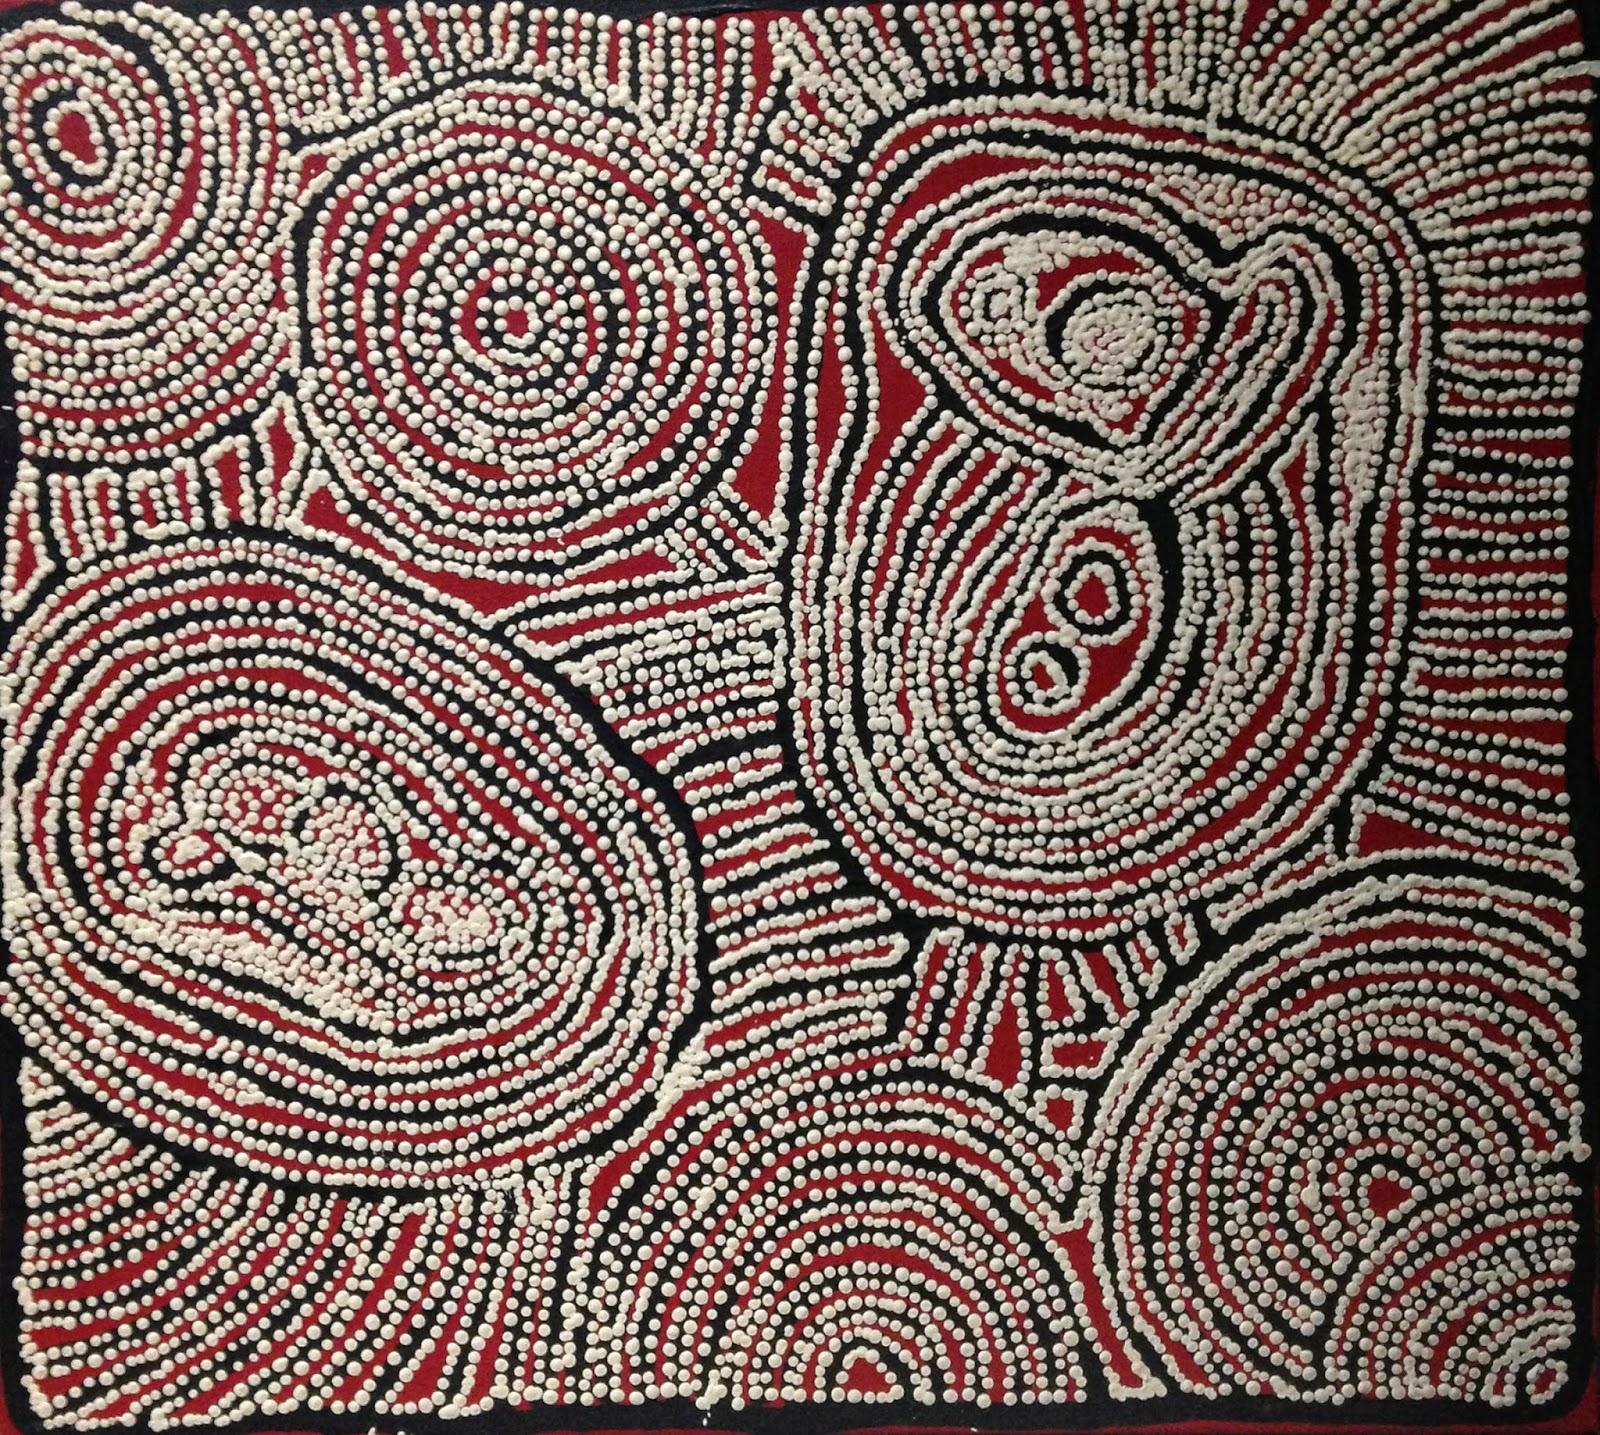 Fogli d 39 arte issn 1974 4455 astratta e antichissima la for Arte aborigena